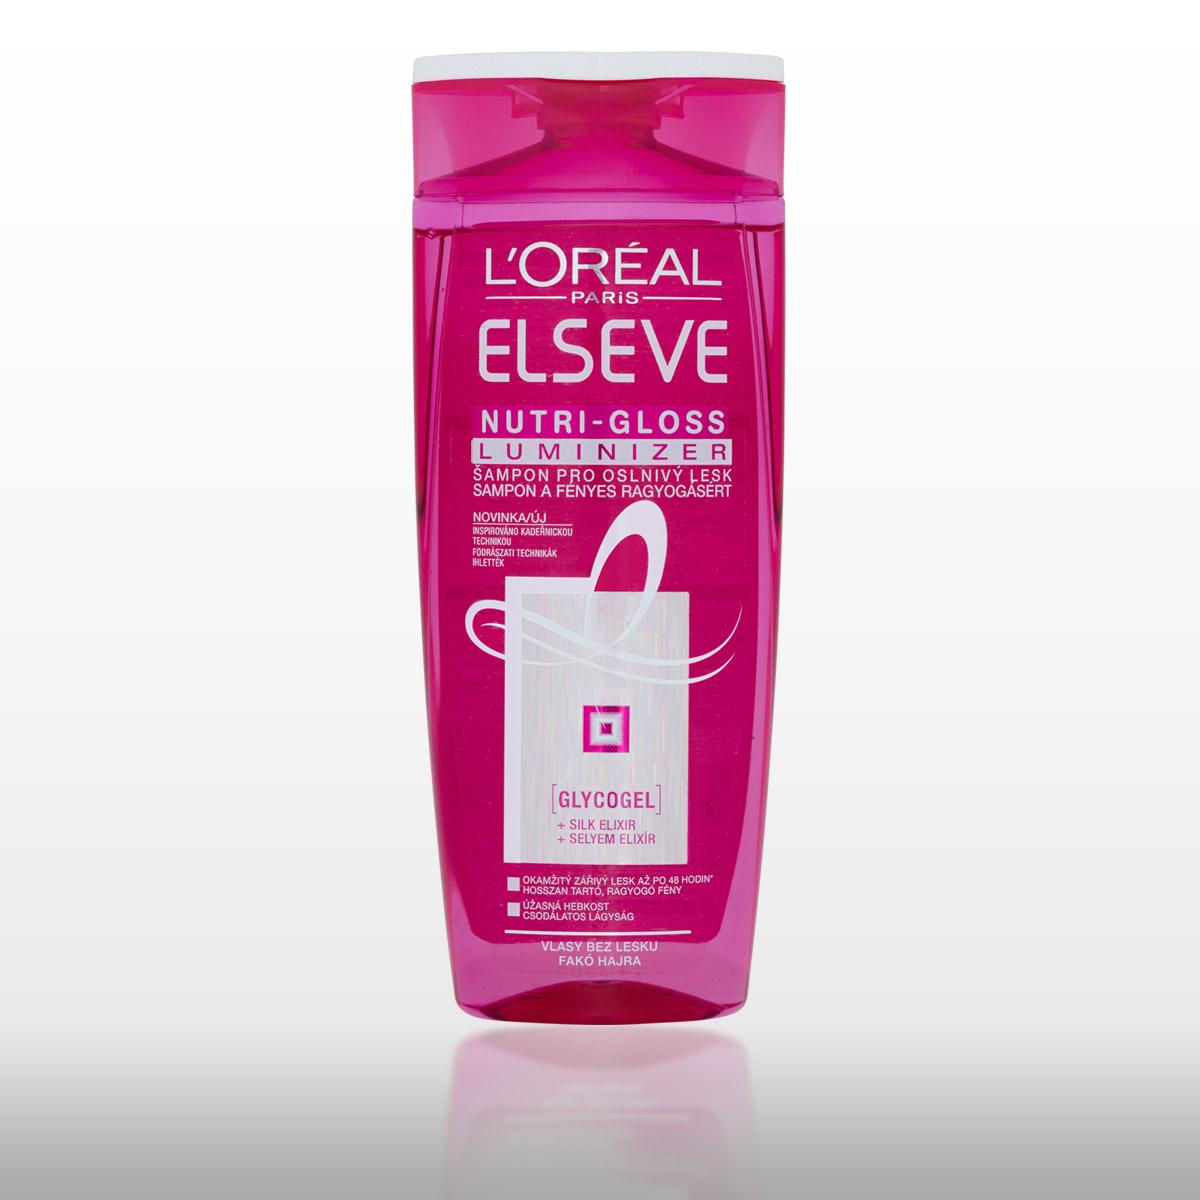 Šampon z kosmetické řady Nutri-Gloss Luminizer od L'Oréal Paris